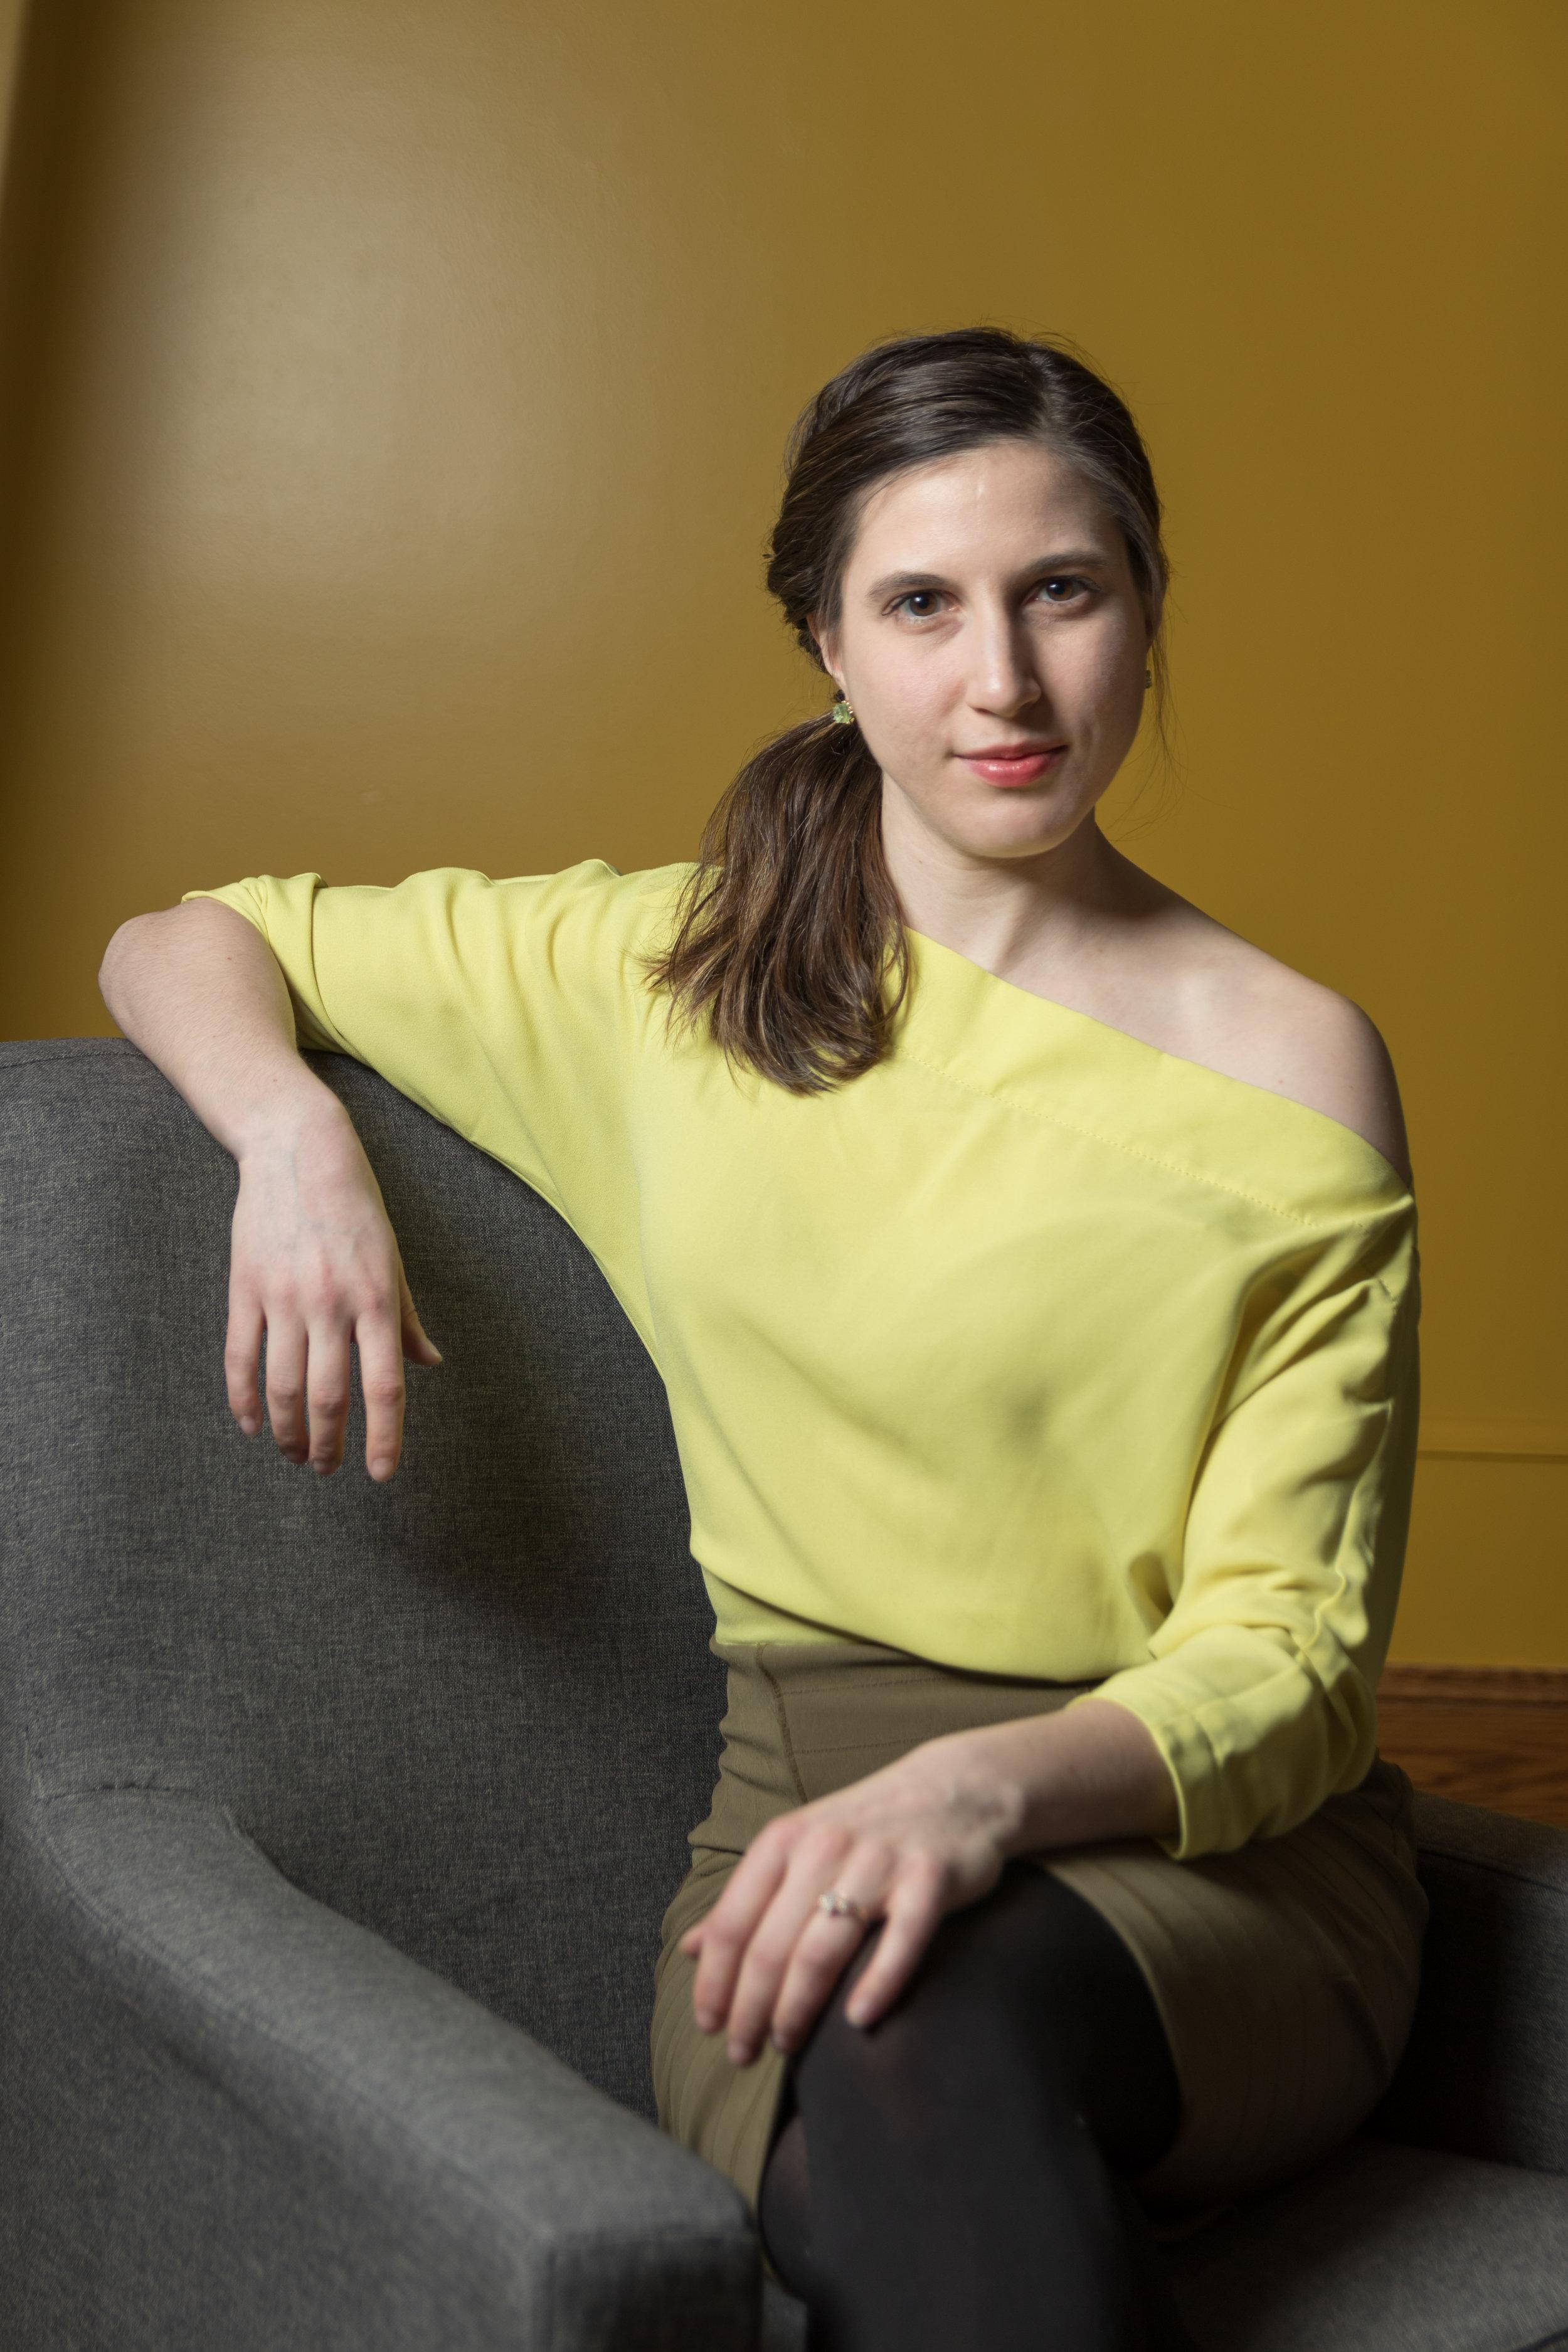 Amanda Millay